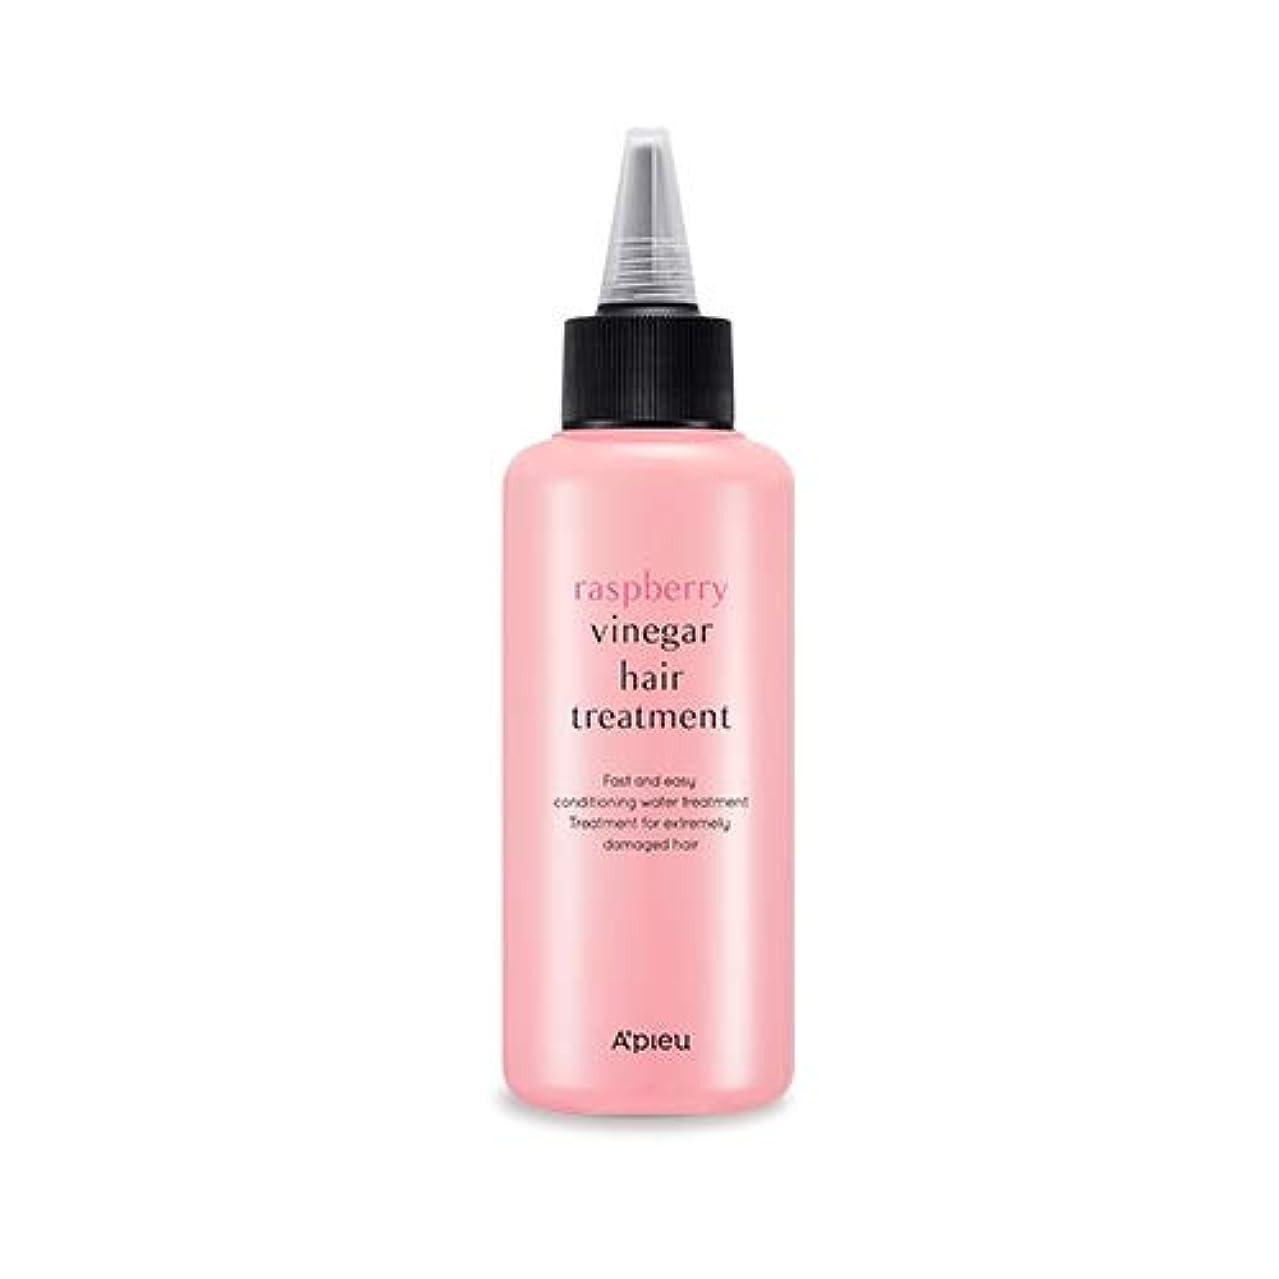 ペルメル留め金ドラフトアピュ ラズベリー ヘア ビネガー(酢)ヘア トリートメント 165ml / APIEU Raspberry Vinegar Hair Treatment 165ml [並行輸入品]